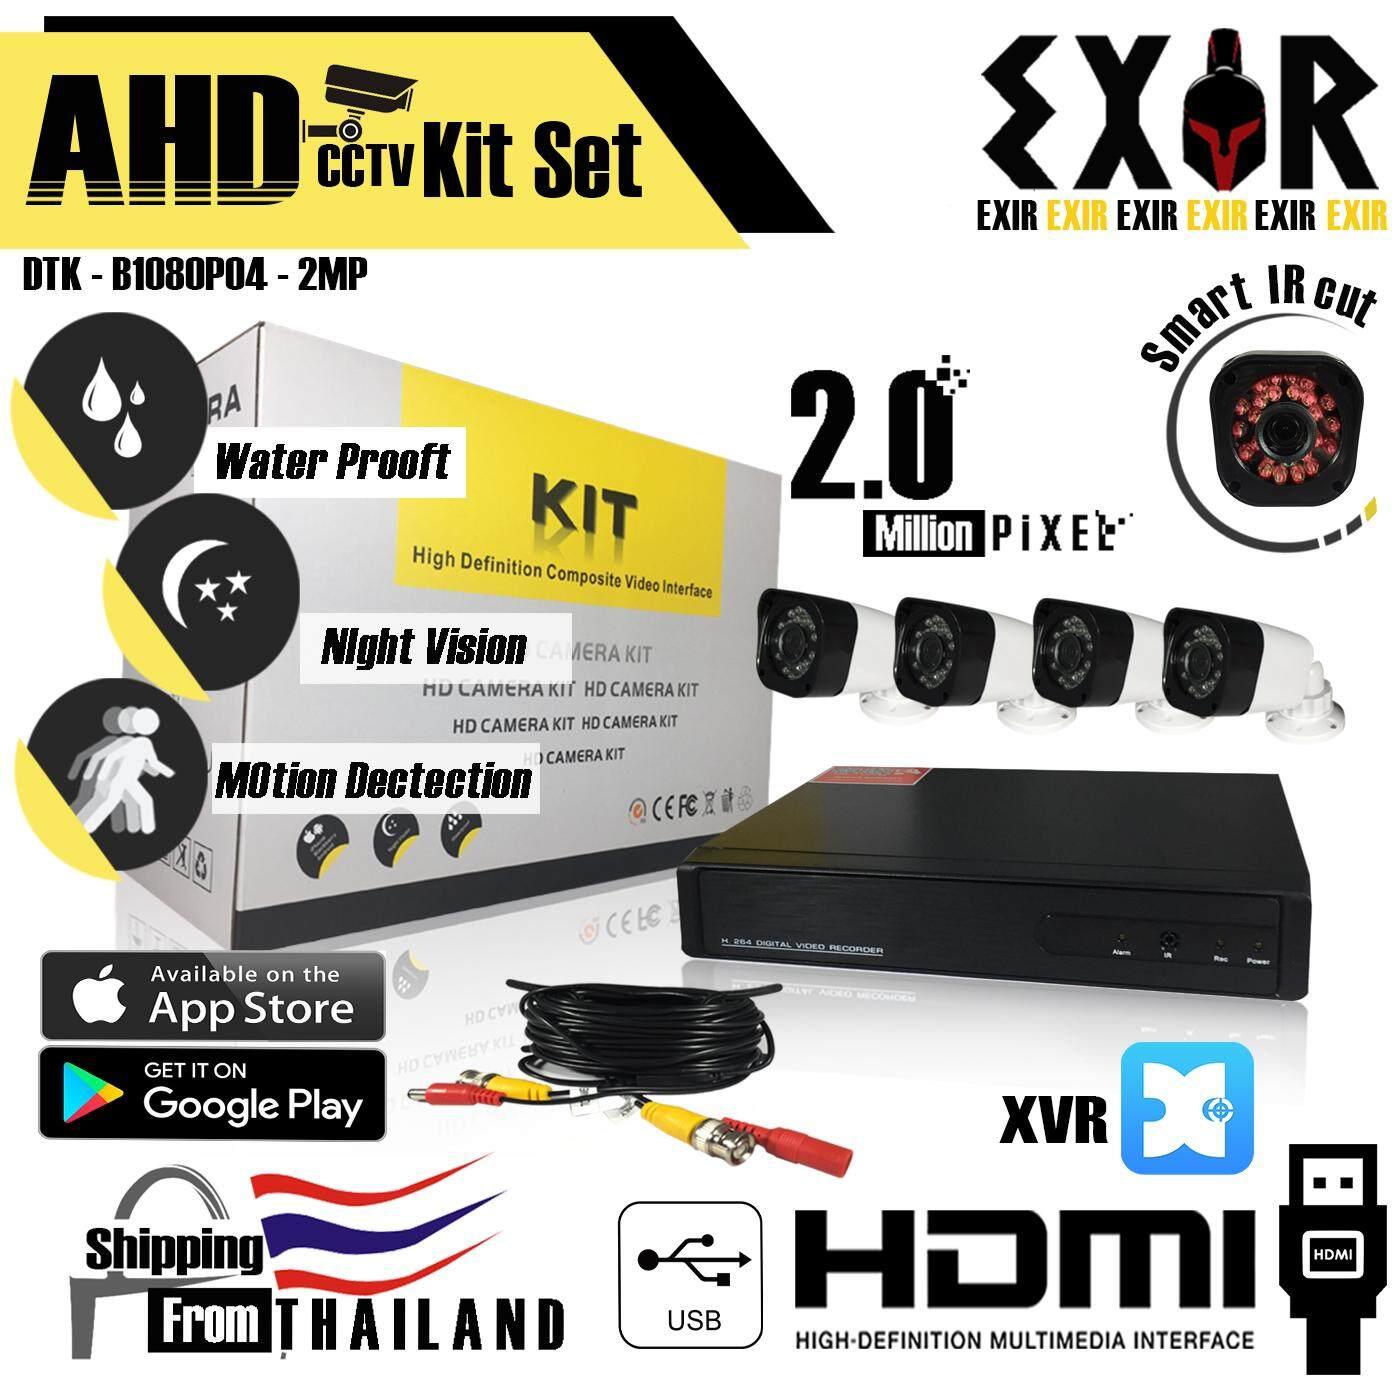 ชุดกล้องวงจรปิดพร้อมสายสำเร็จรูป  ชุดกล้อง 4 ตัว ระบบ AHD ความละเอียด 2.0 ล้านพิกเซล รุ่น DTK-B1080P04-2MP ล้านพิกเซล DAHUA/ HIKVISION/ WATASHI/ FUJIKO/ BEXKO/ DIUS/ EXIR/ Amorn/ Longse